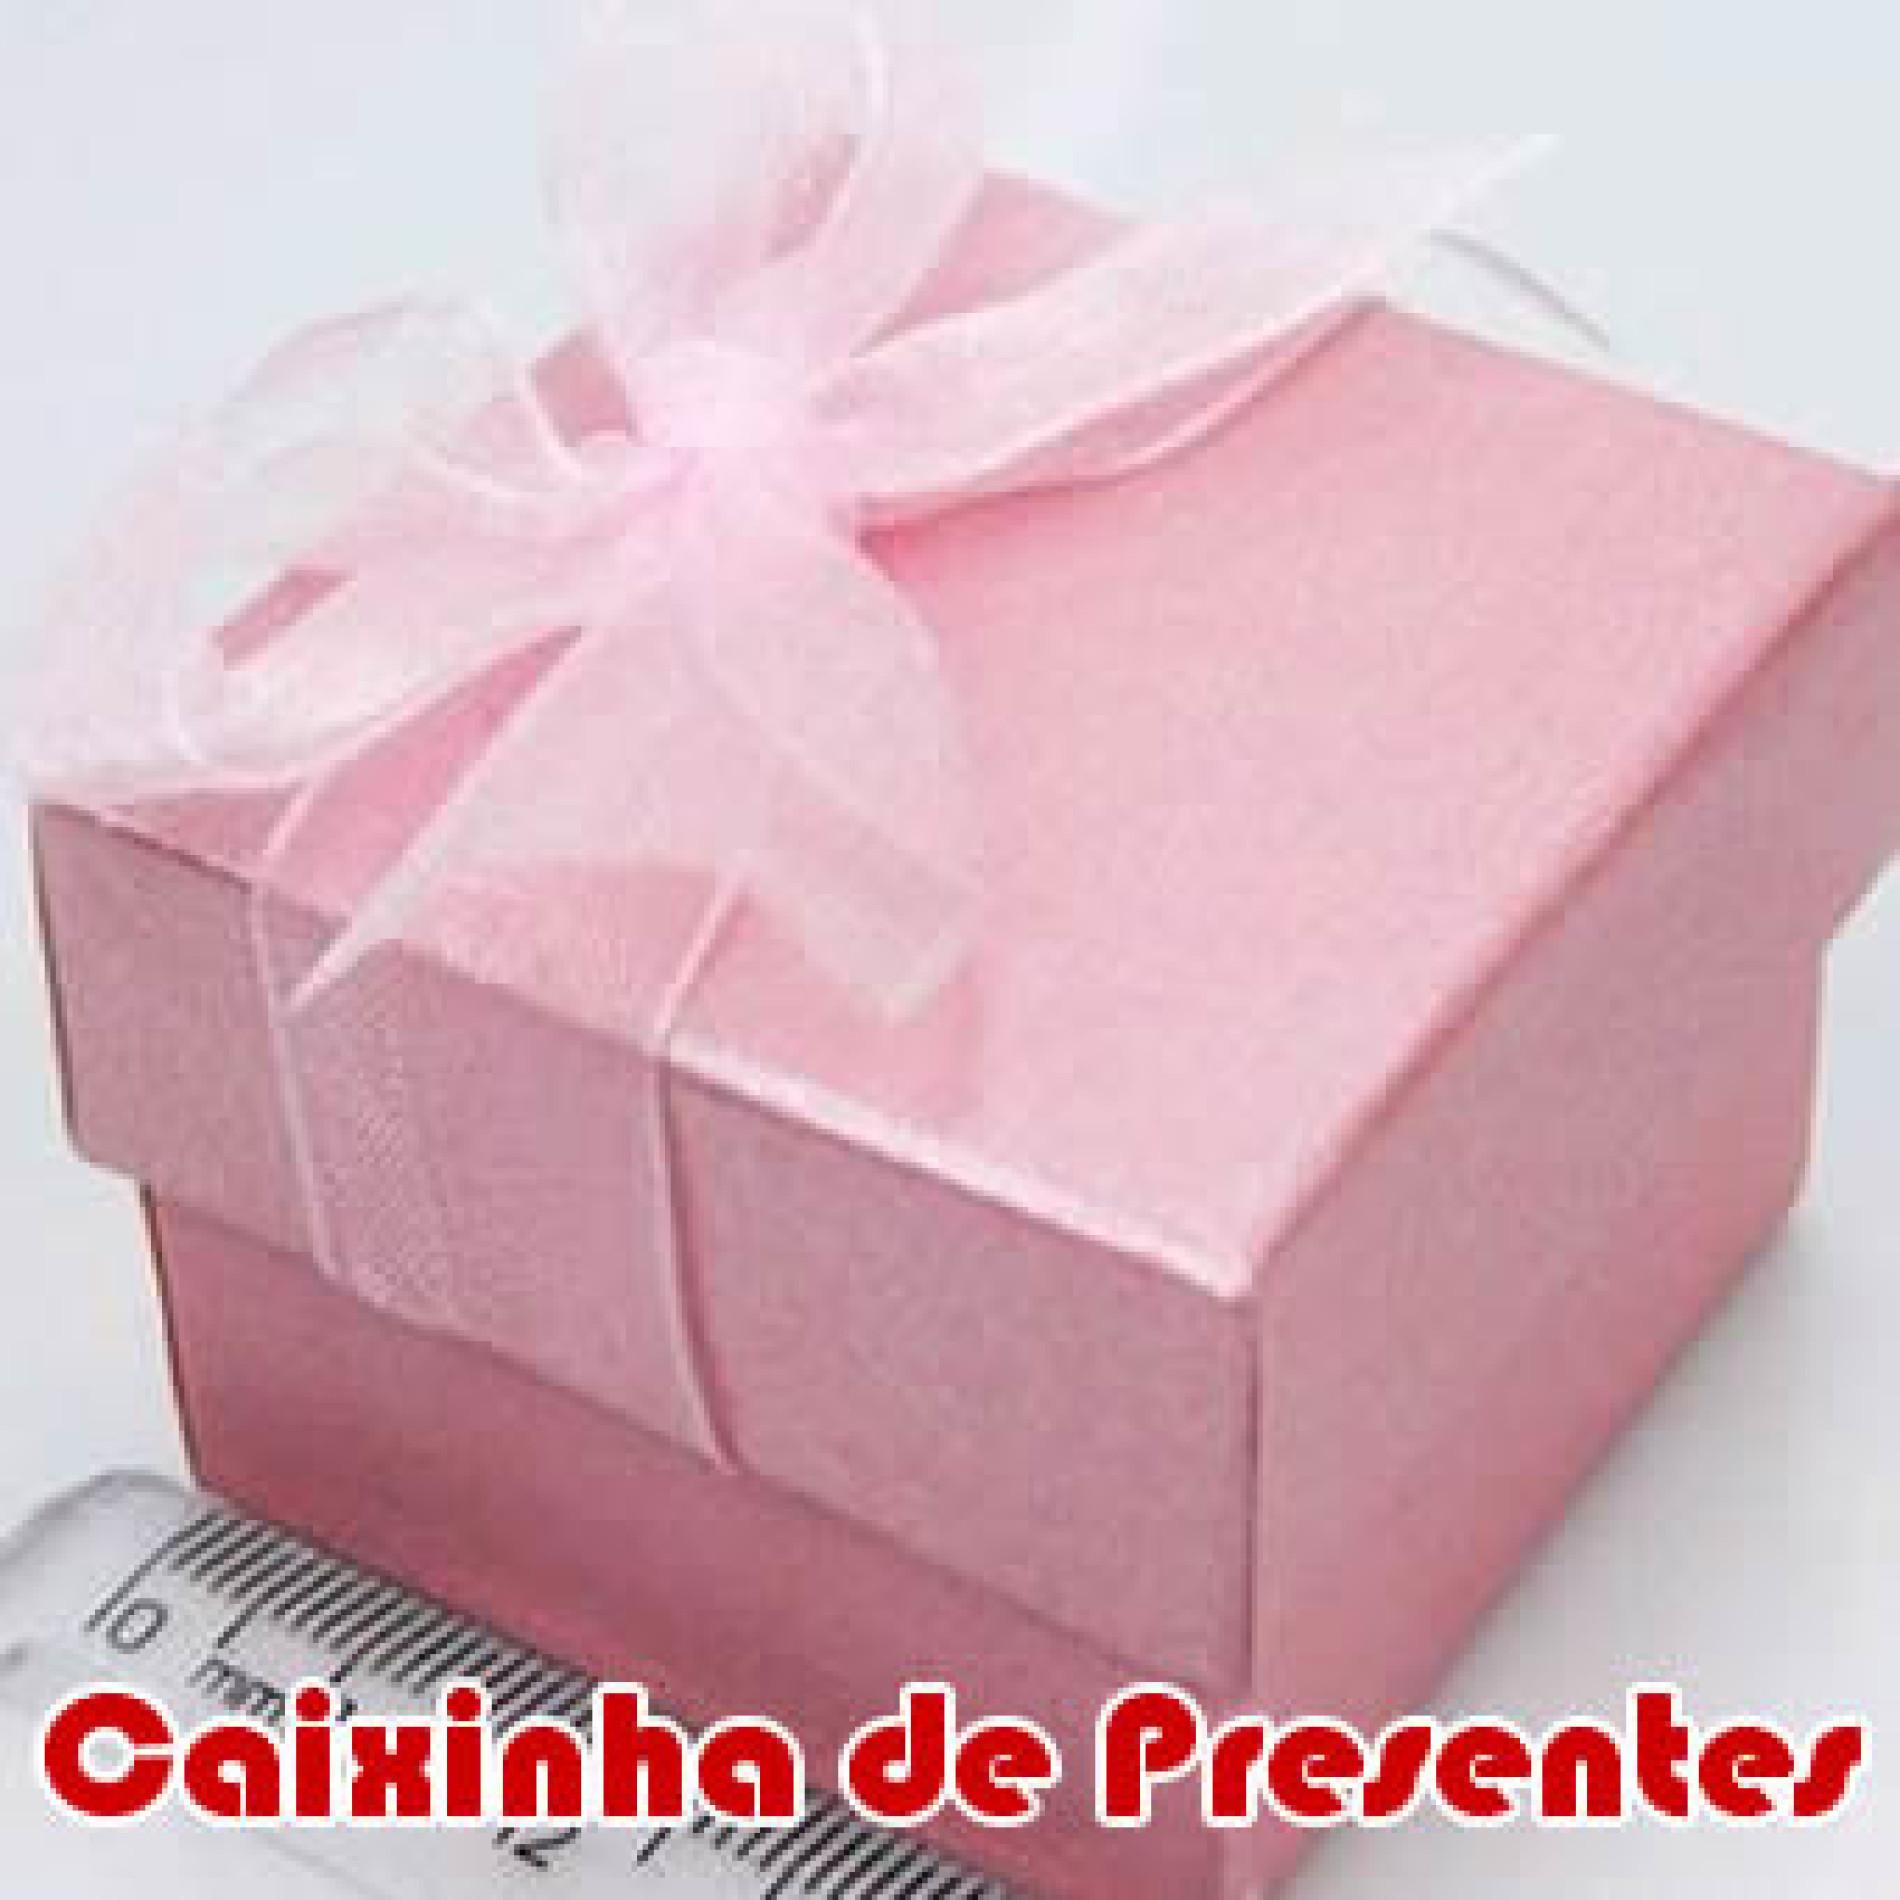 Como fazer uma caixinha de presentes